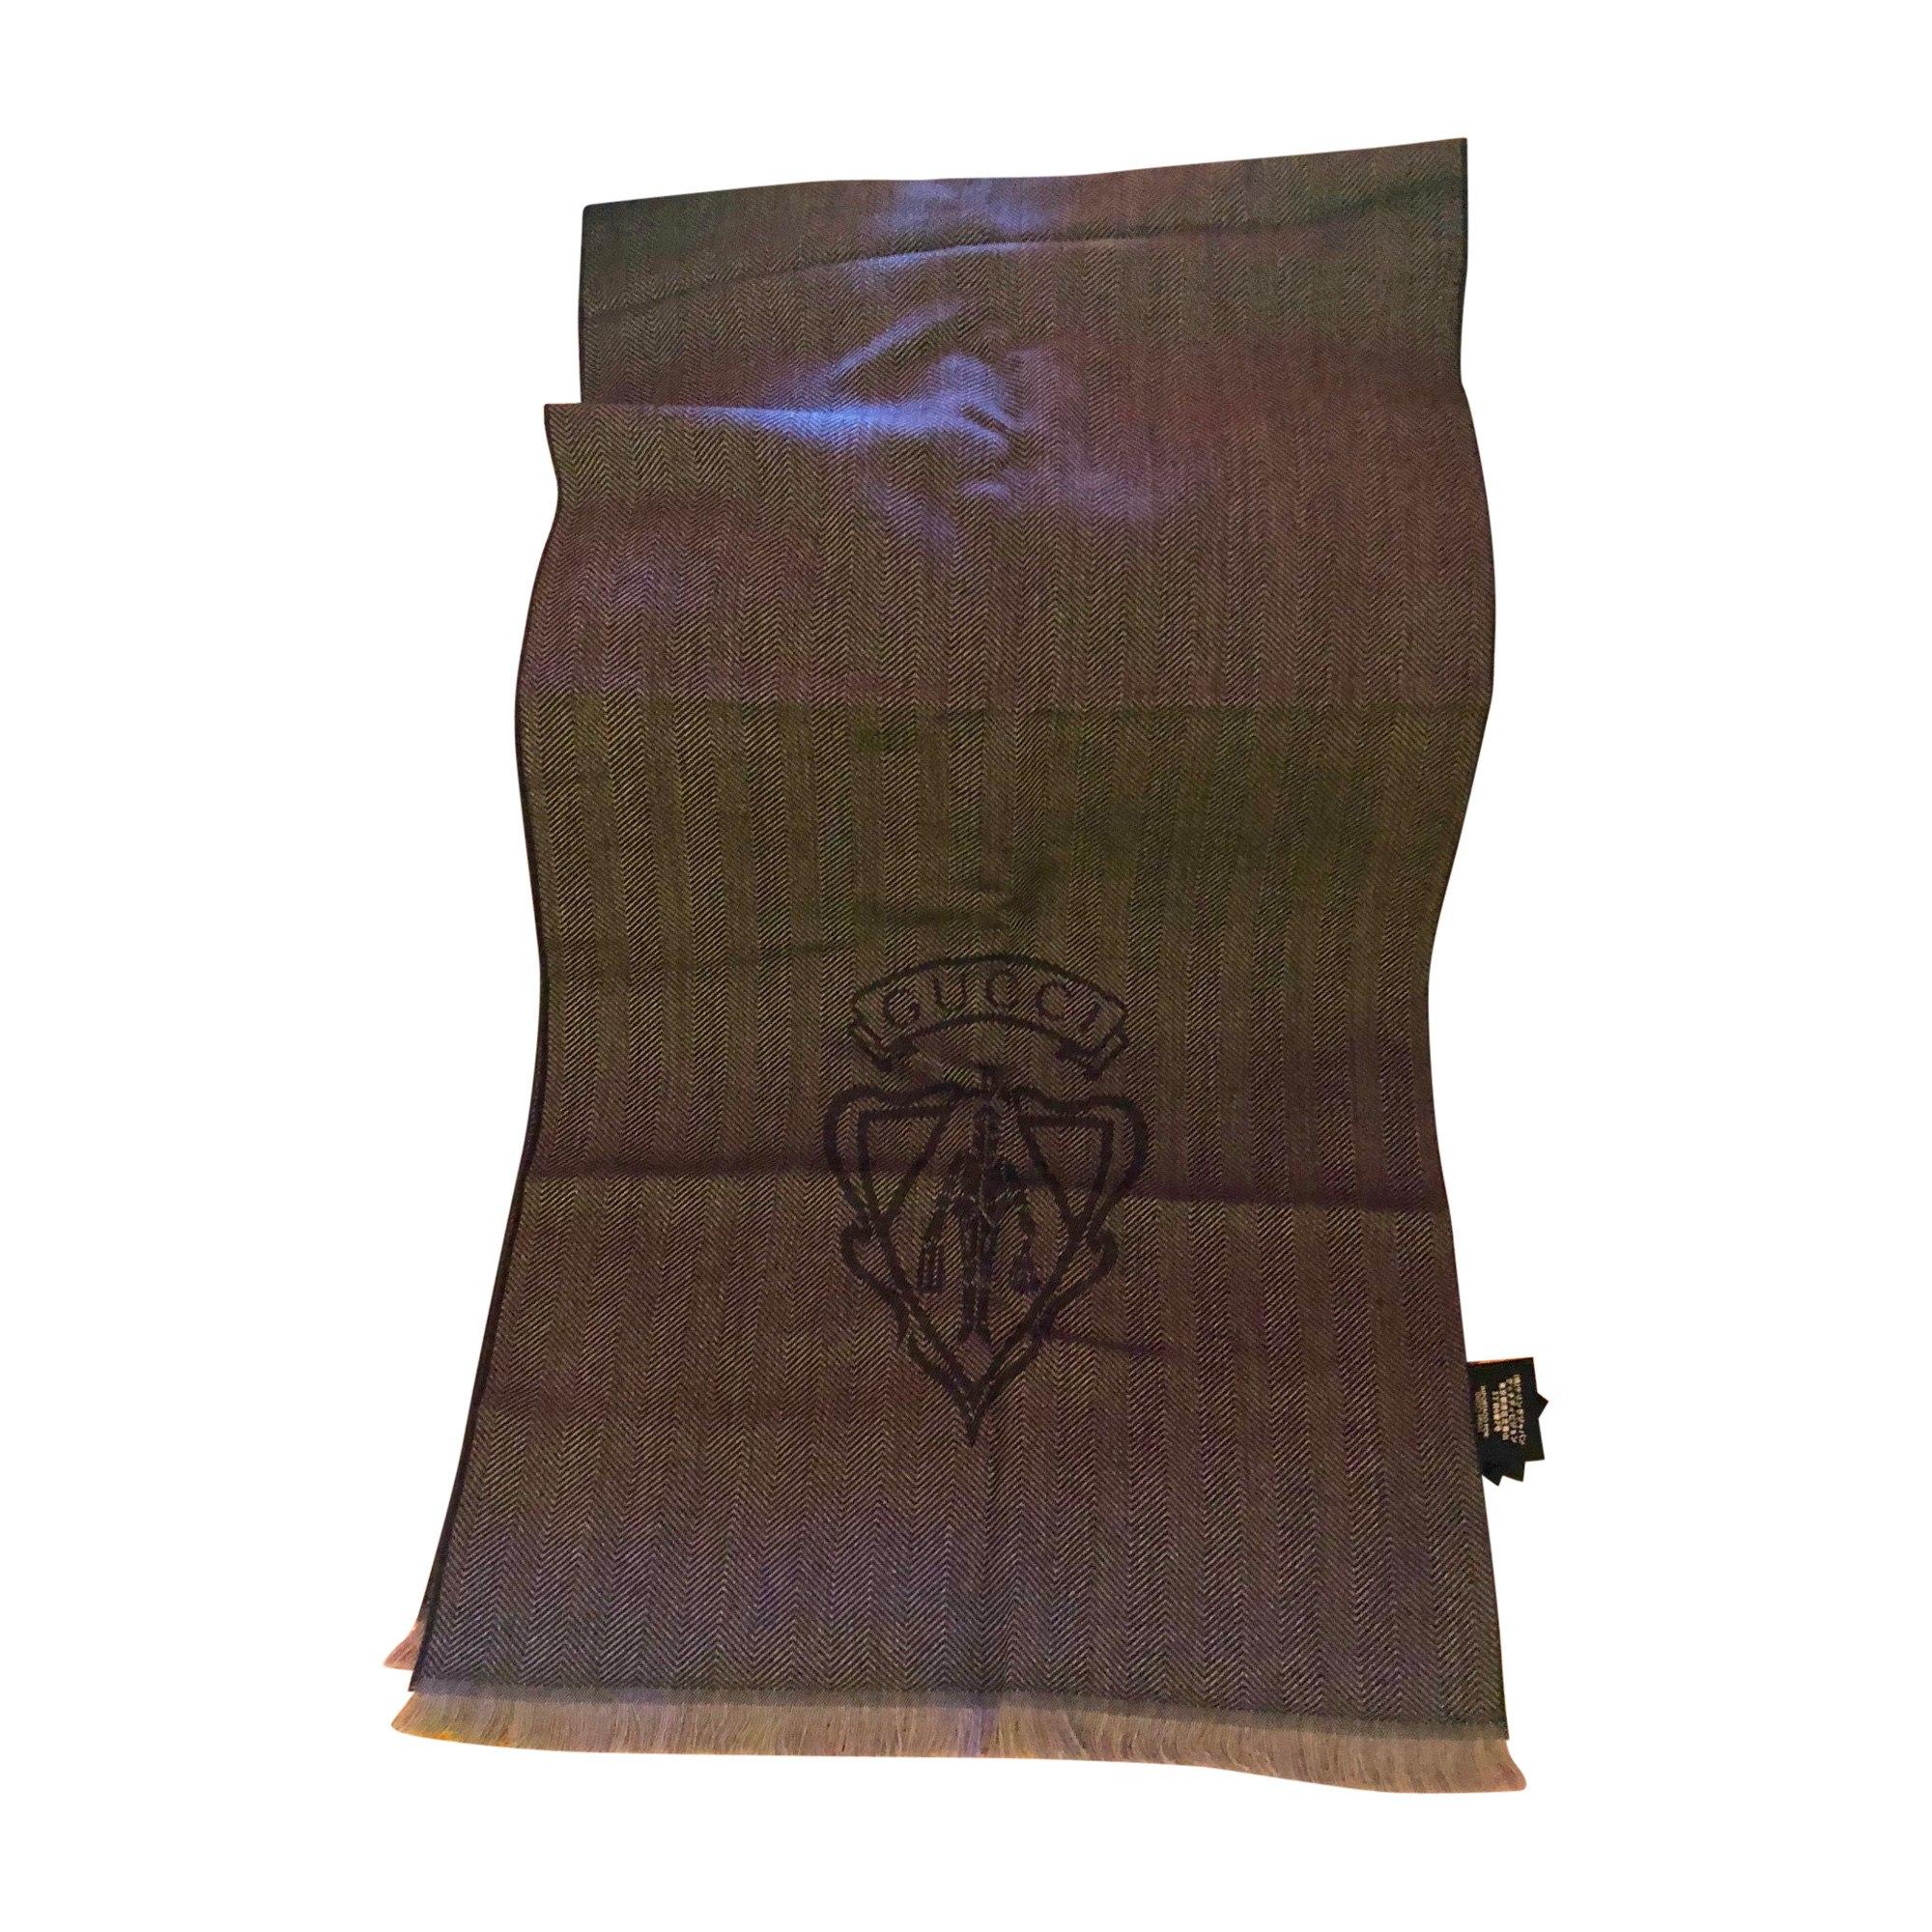 24bdaf23473f Scarf gucci gray charcoal jpg 2000x2000 Gucci scarves